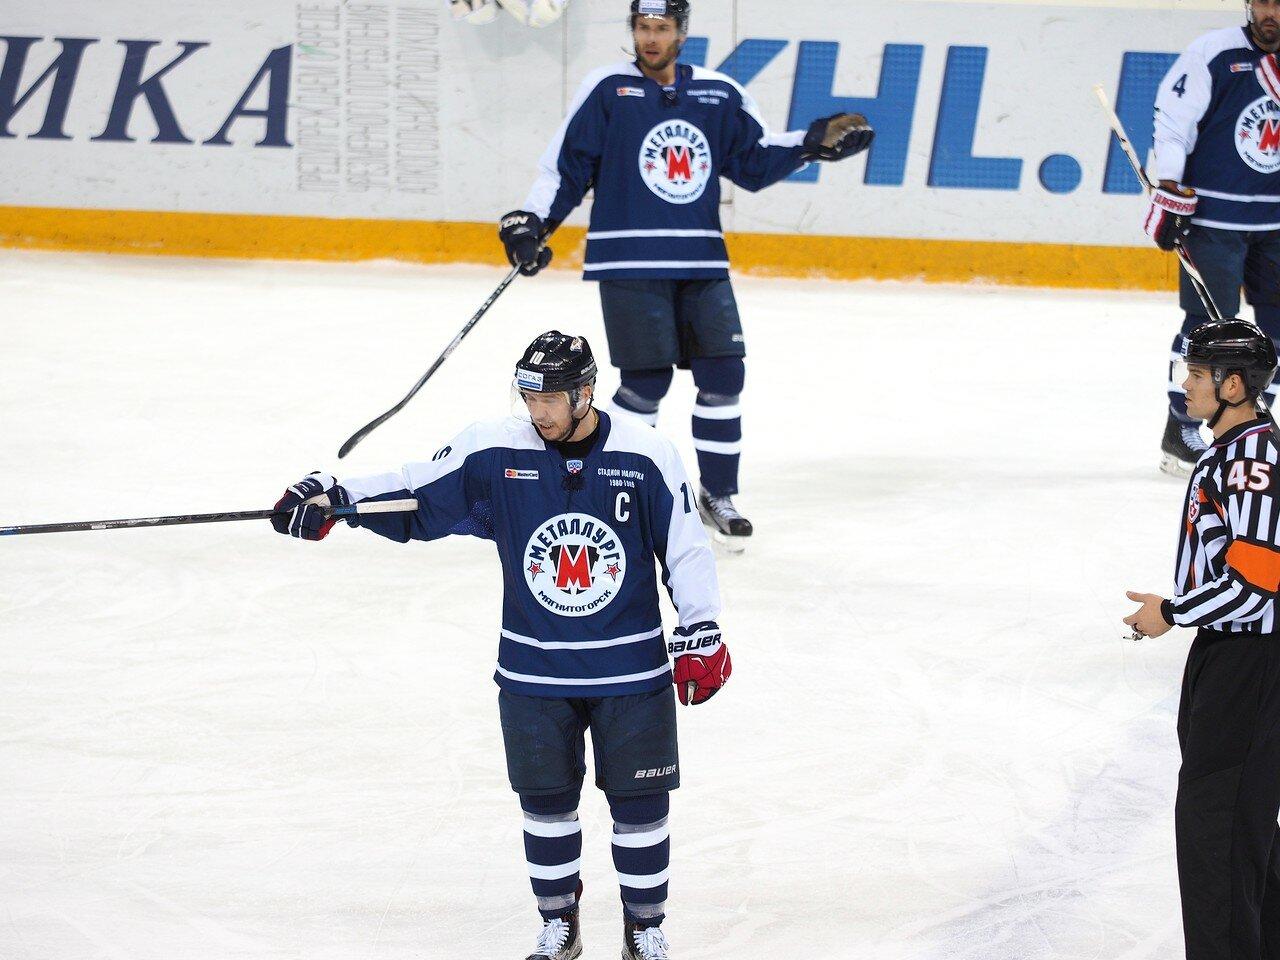 115Металлург - Динамо Москва 28.12.2015